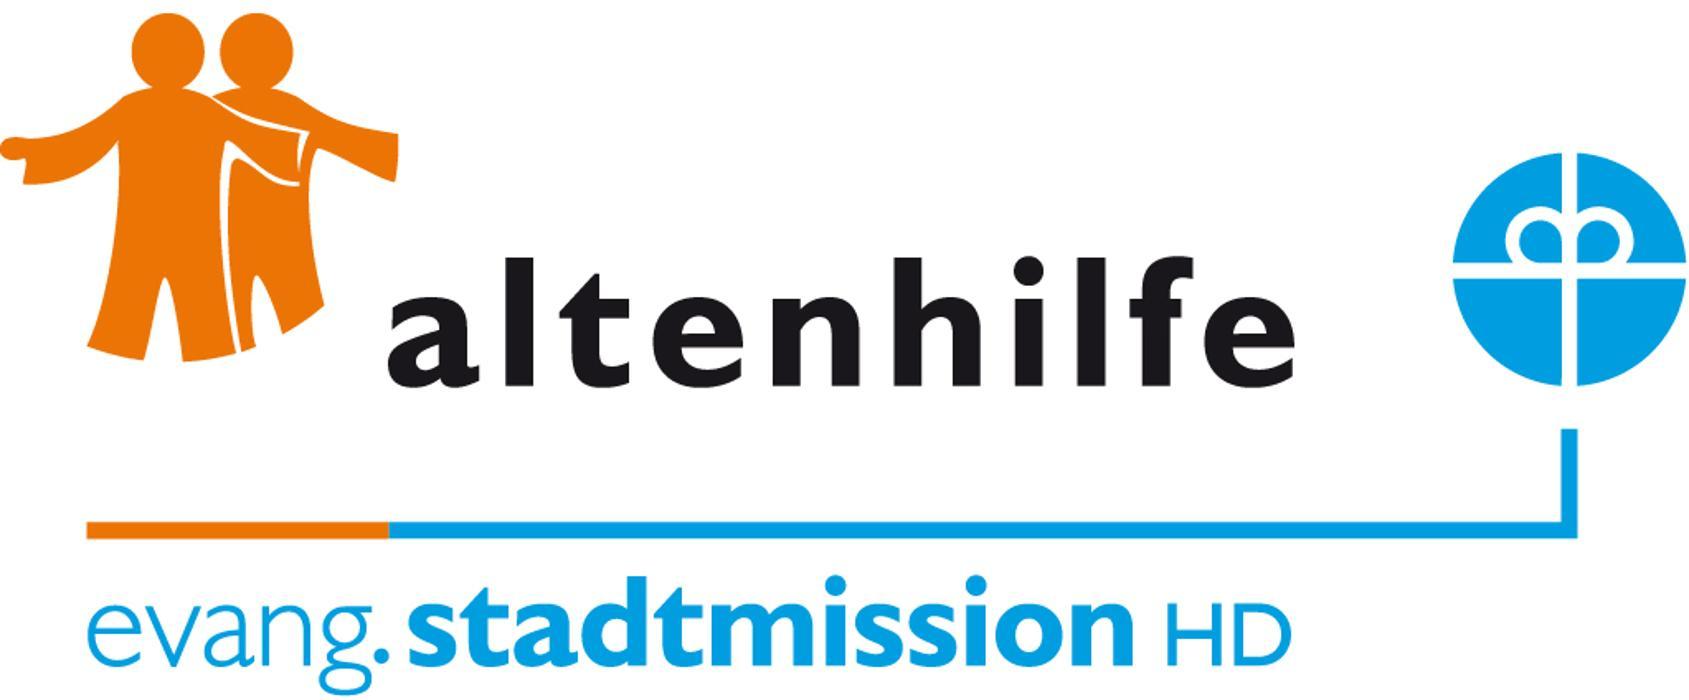 Bild zu Altenhilfe der evang. Stadtmission Heidelberg gGmbH in Heidelberg